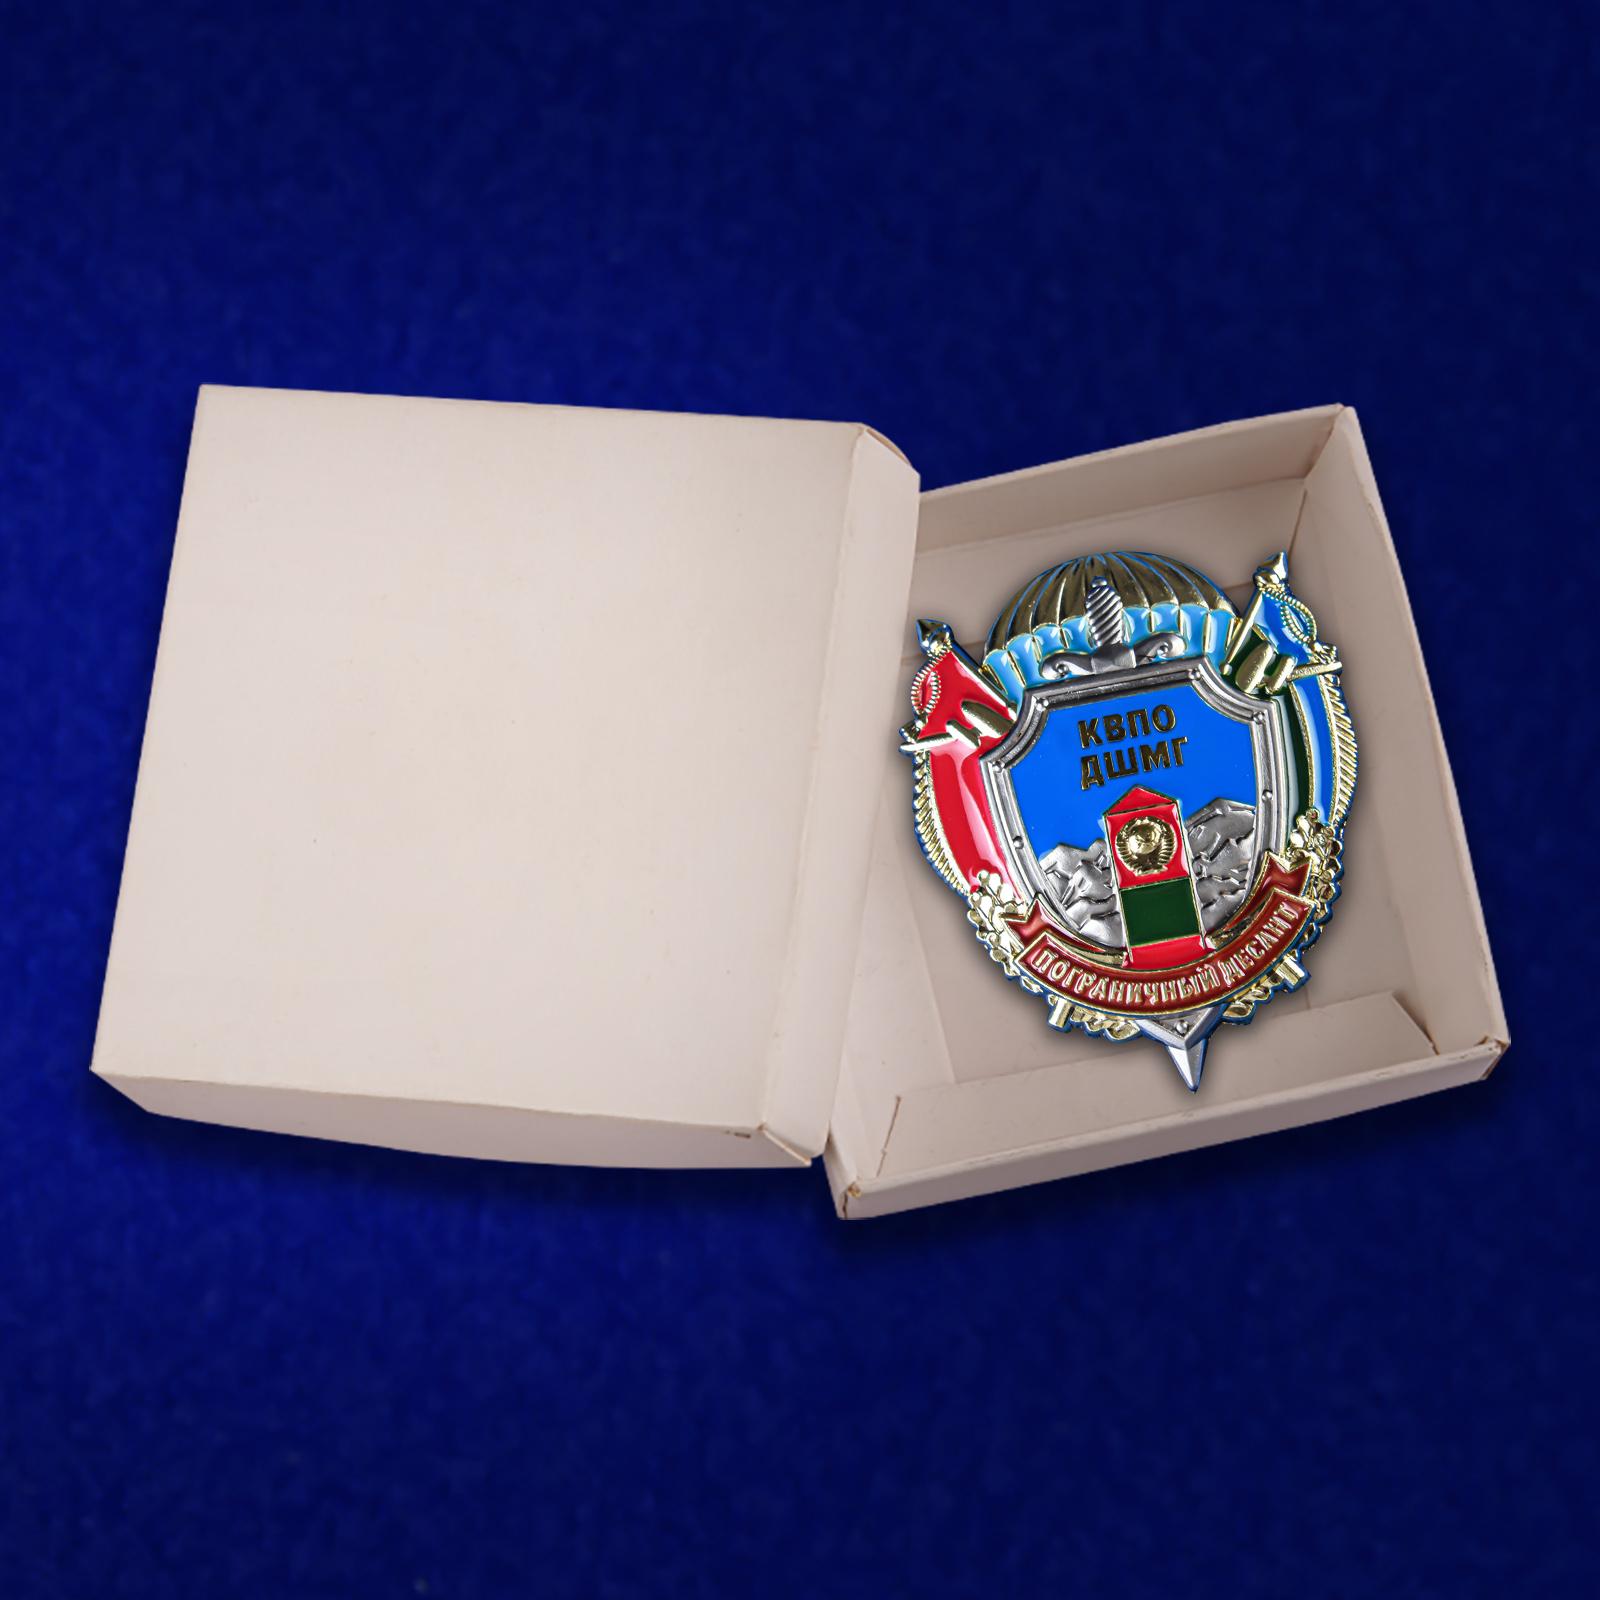 Знак Пограничного десанта КВПО ДШМГ  на подставке